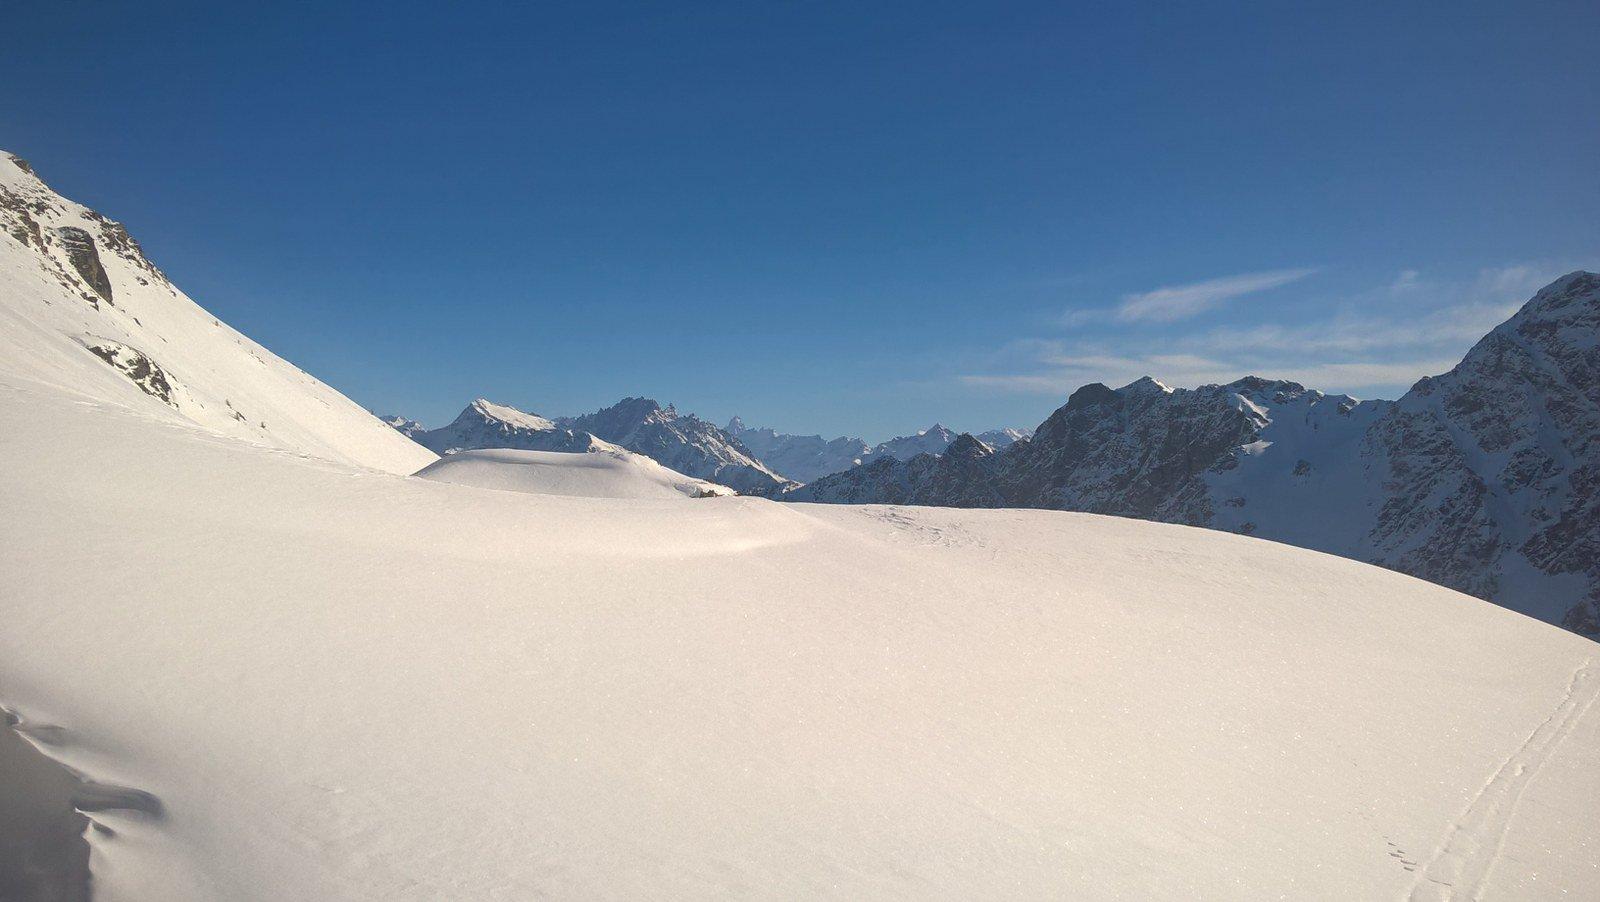 Poco sopra gli alpeggi con Gelè e Cervino sullo sfondo